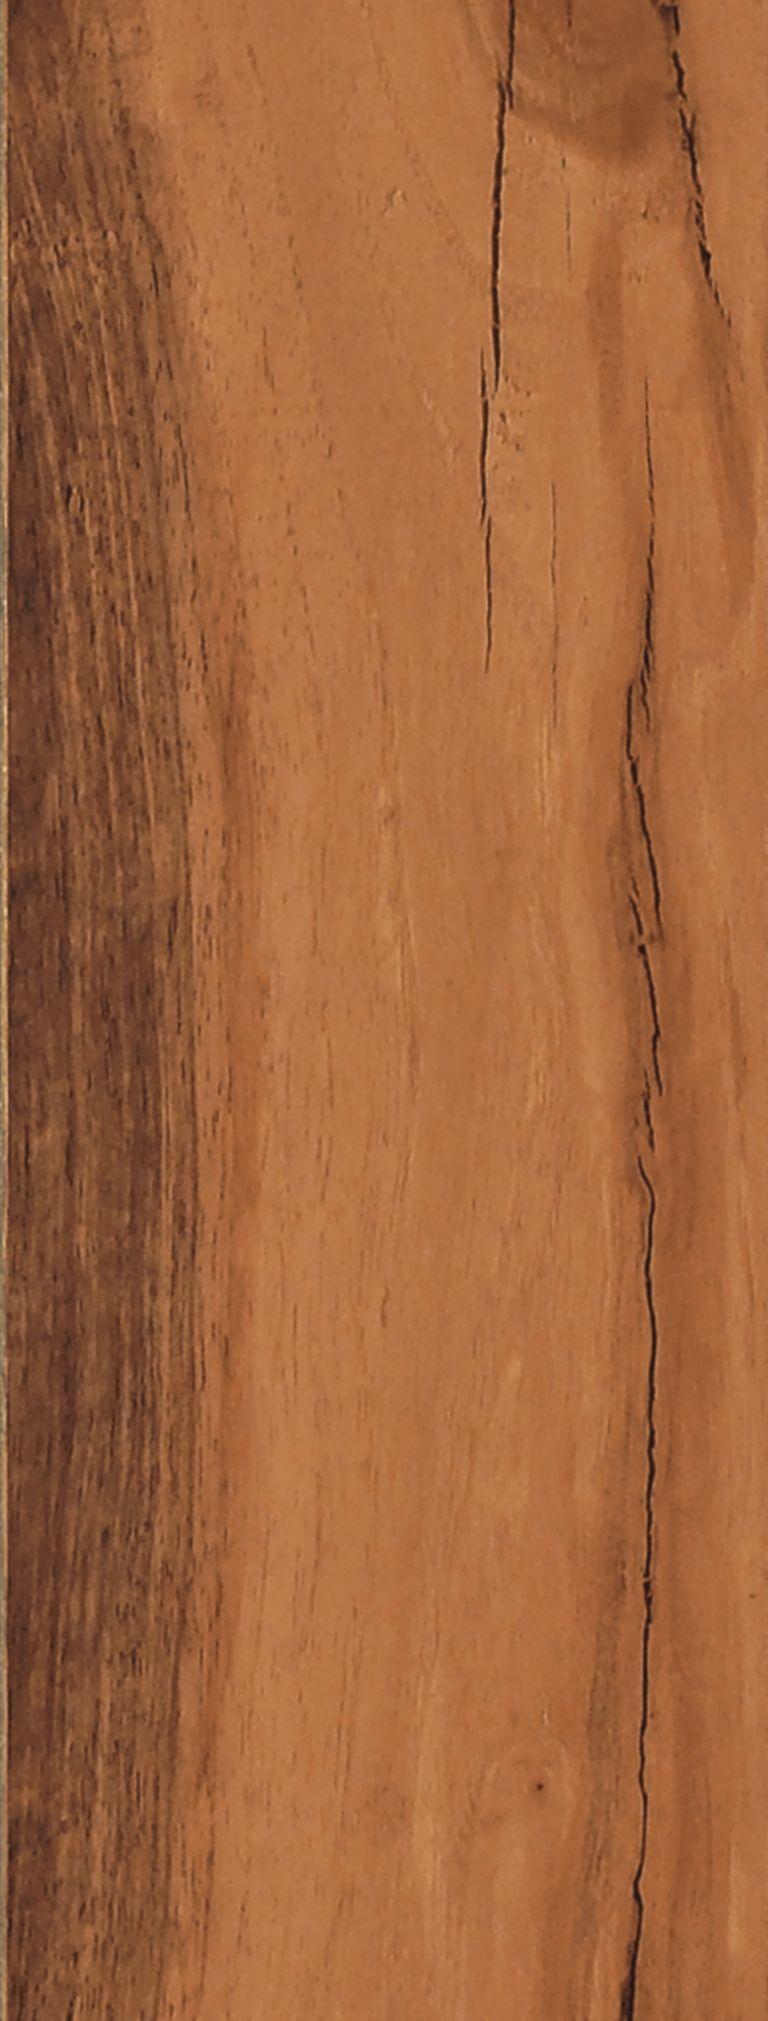 Exotics - Yorkshire Walnut Laminate L6550